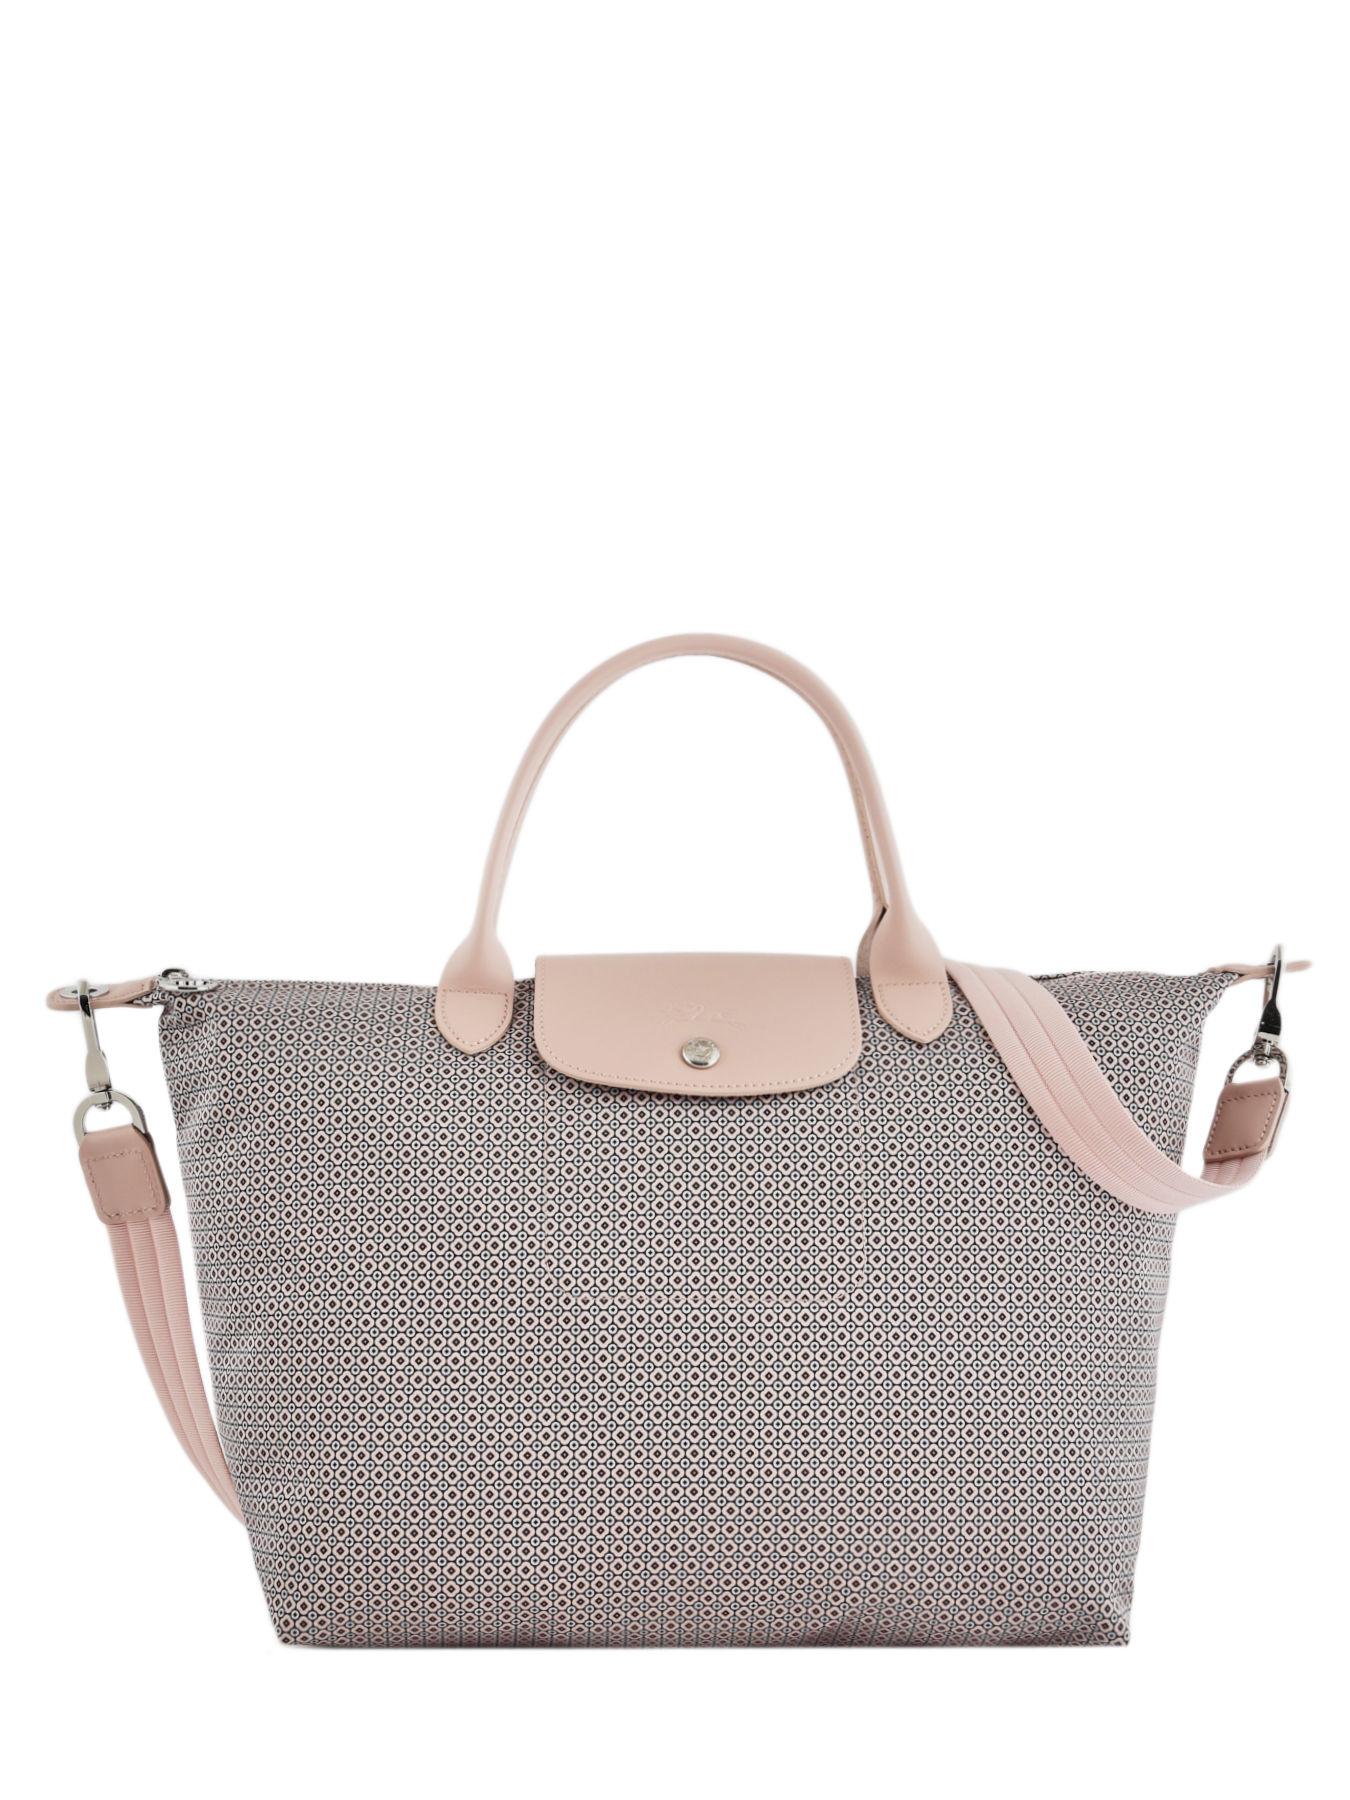 f66c8048427e ... Longchamp Le pliage dandy Handbag Beige ...